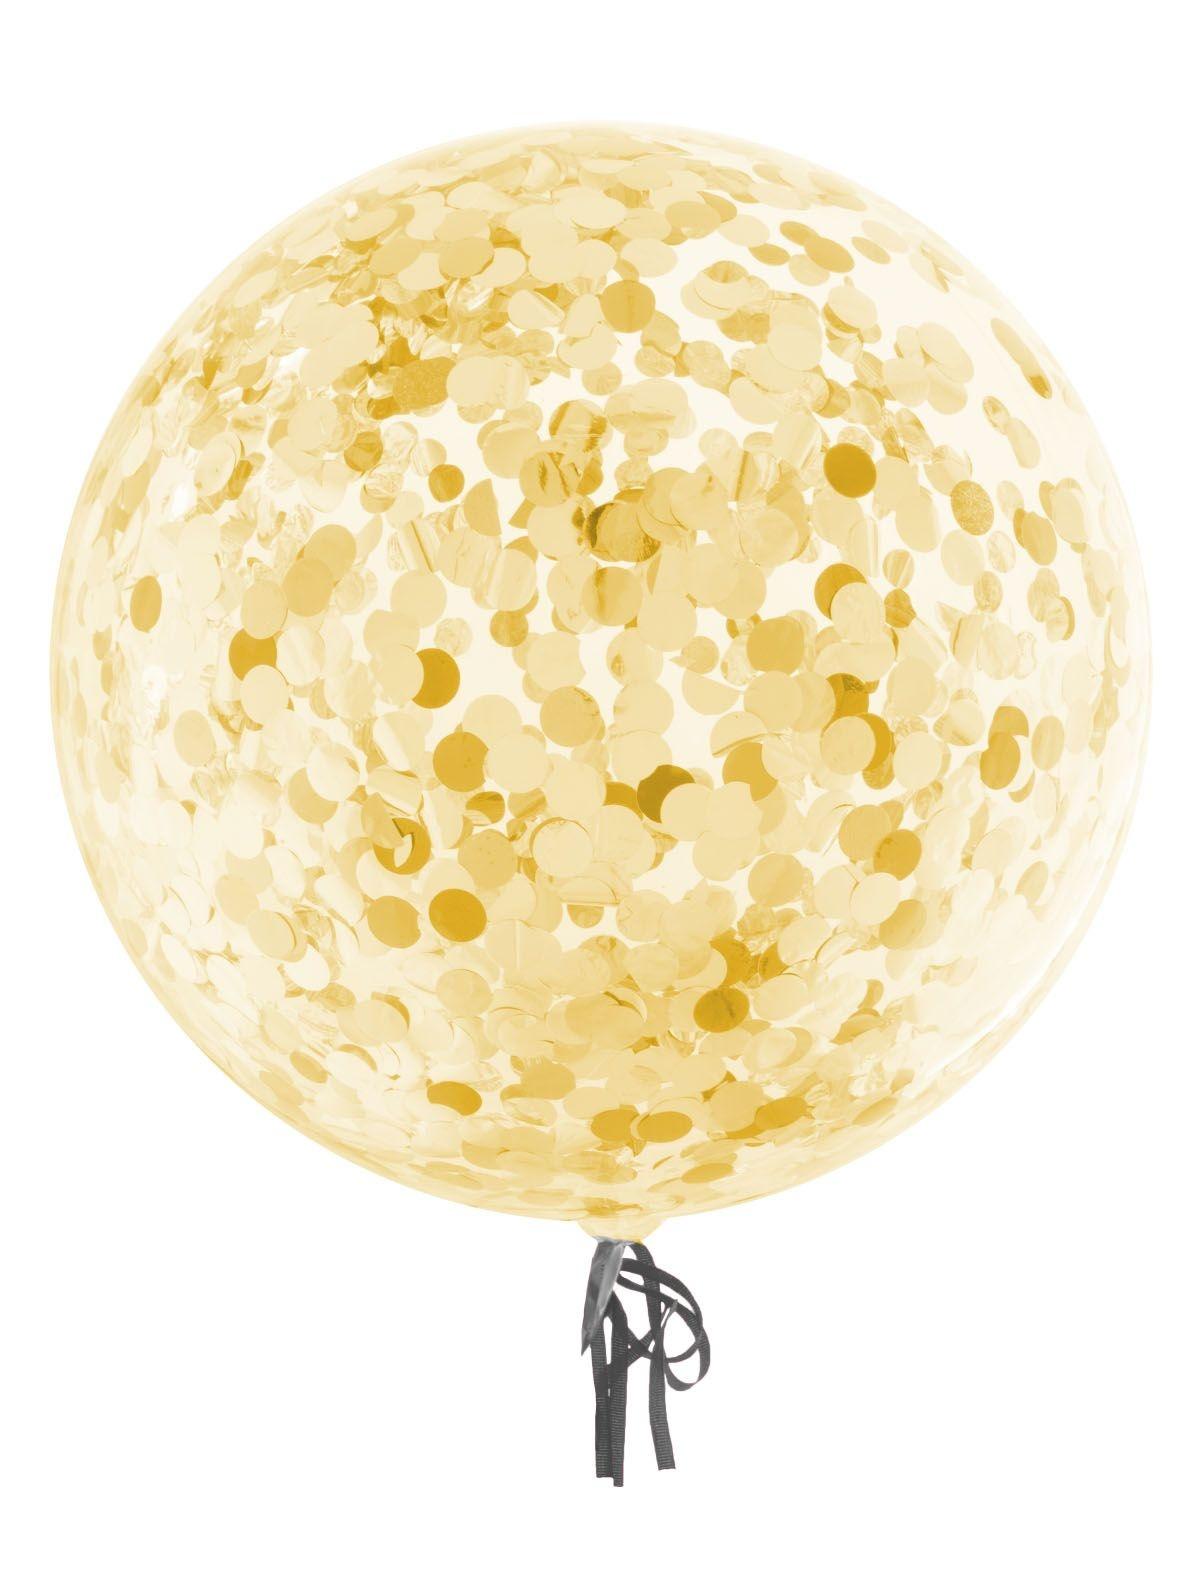 Bubbel ballon met gouden confetti